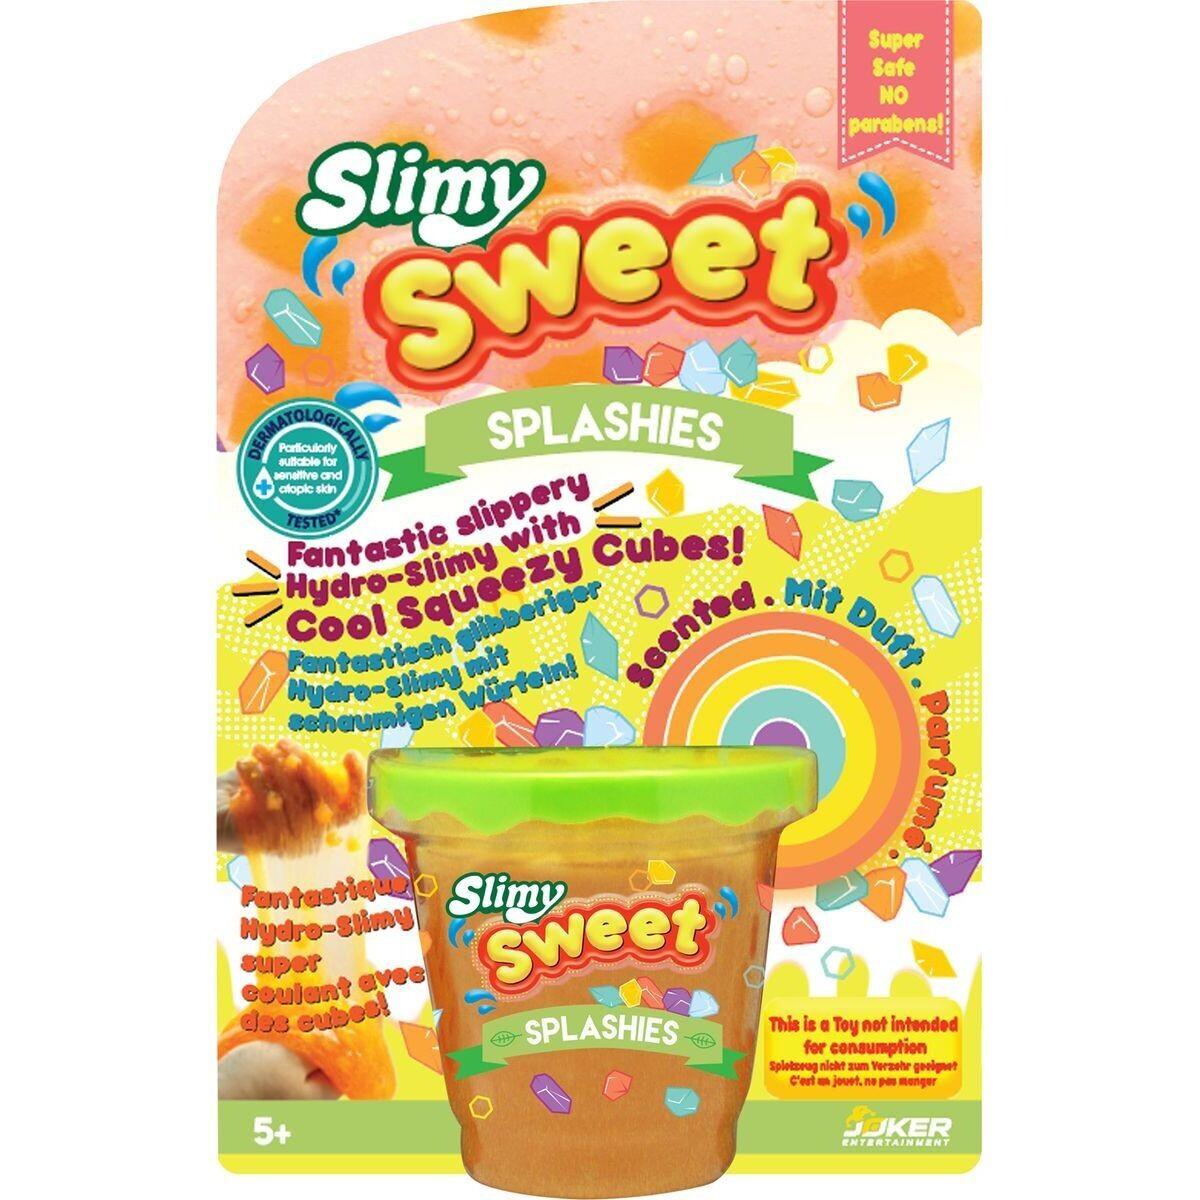 Slimy - Splashies